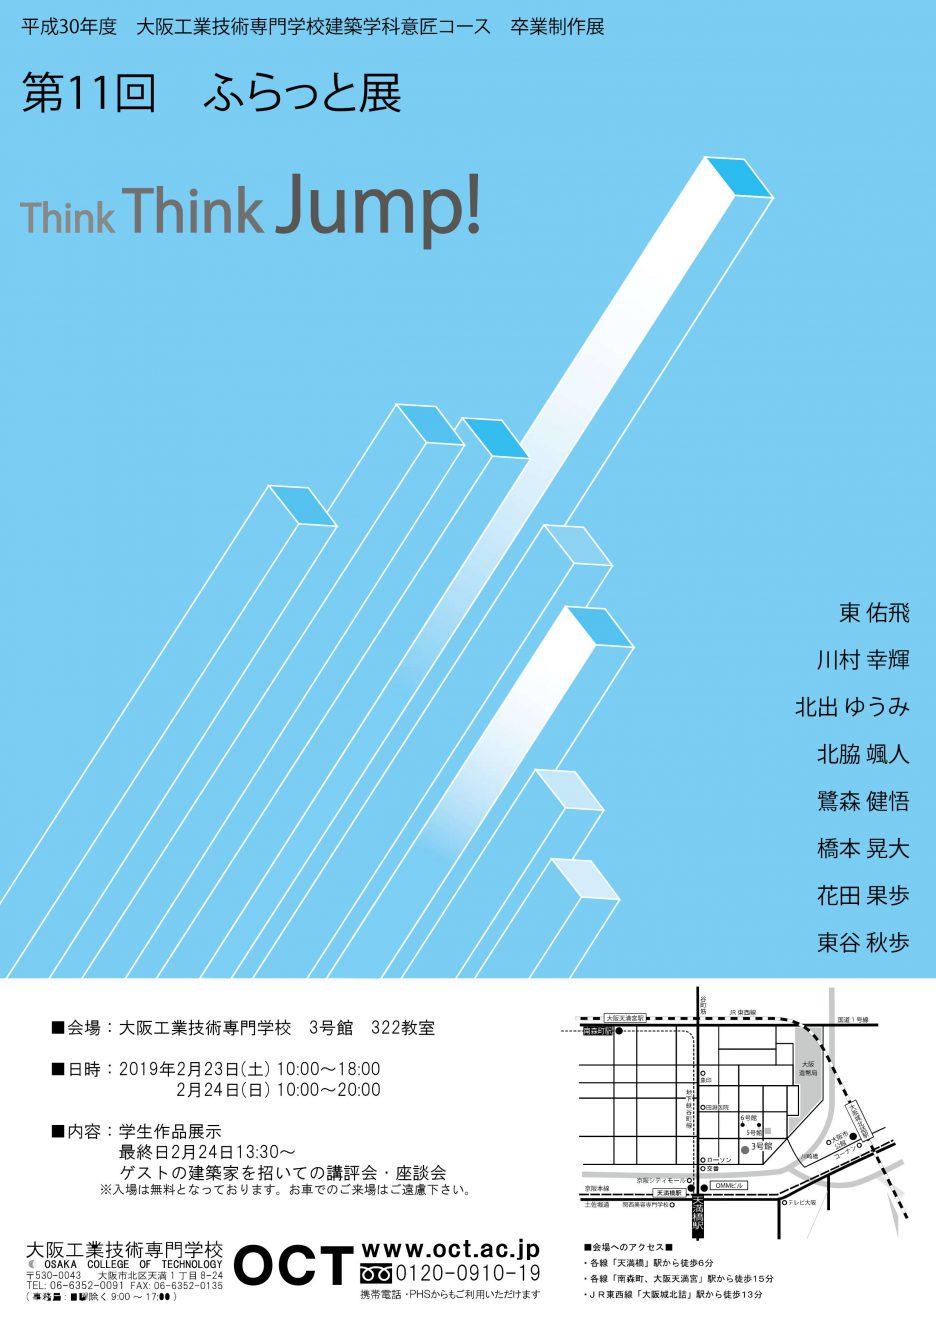 photo: 第11回「ふらっと展 -Think Think Jump!-」開催のお知らせ